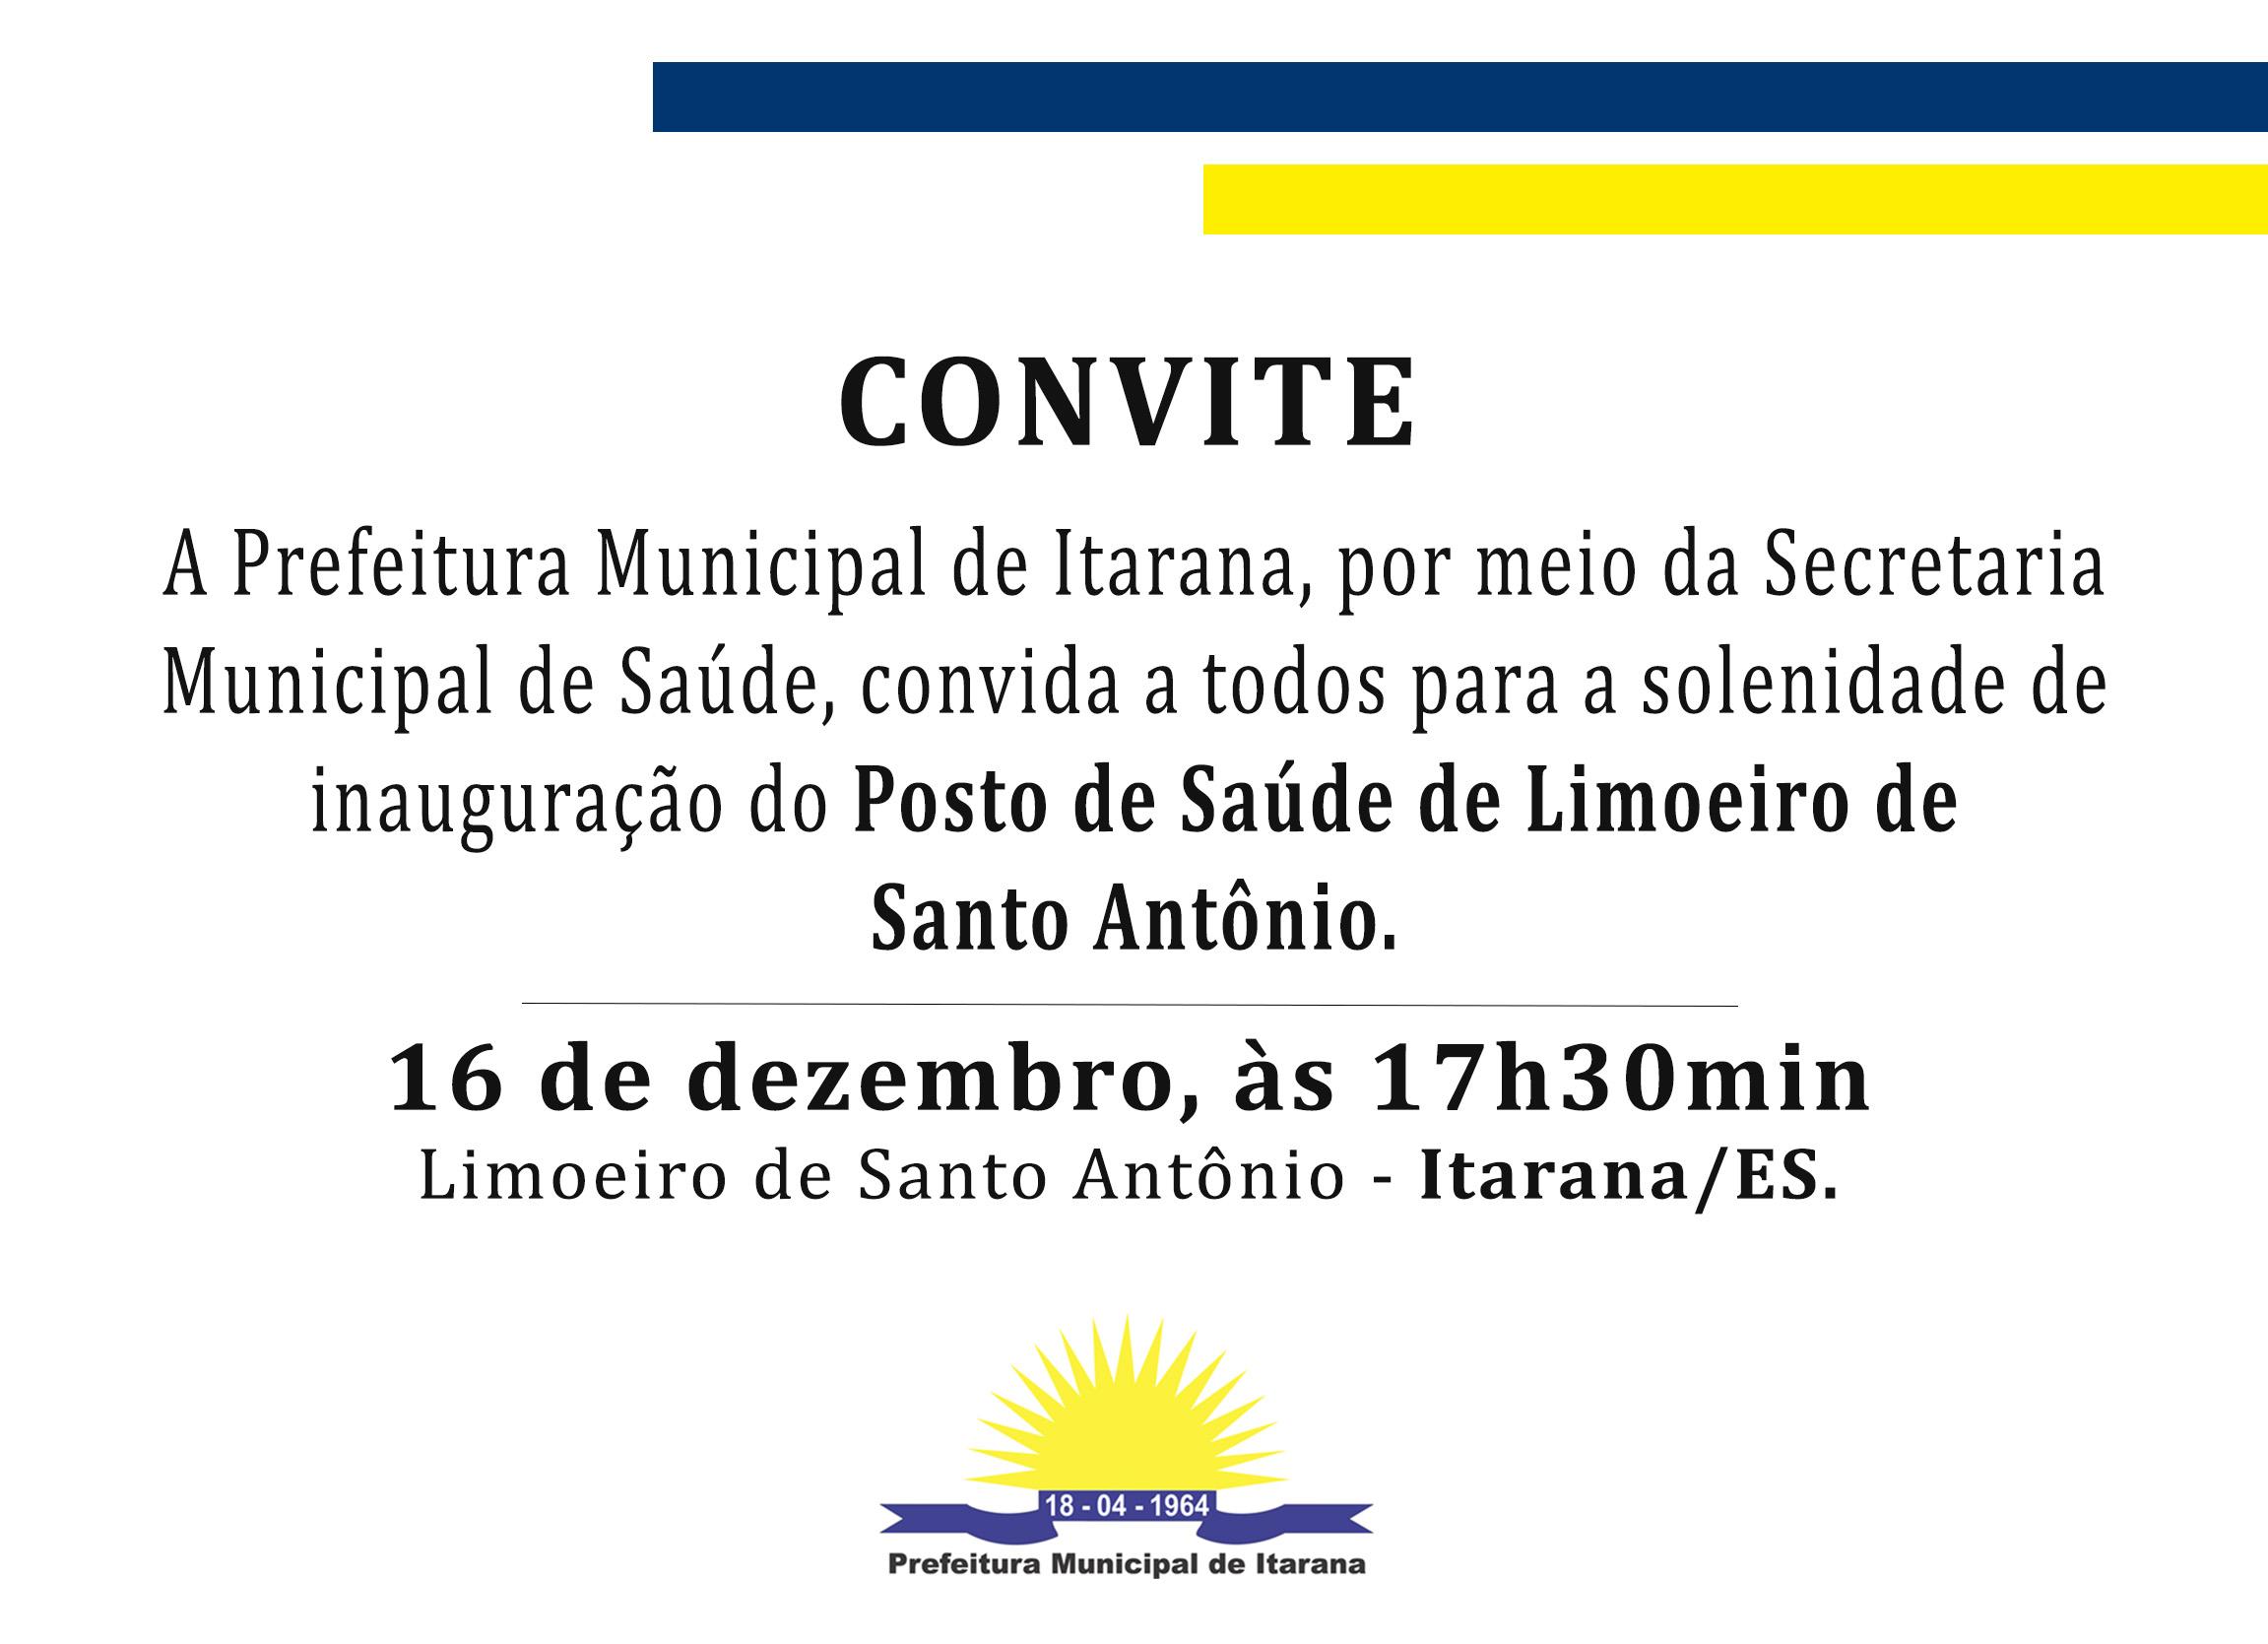 Convite: Inauguração Posto de Saúde de Limoeiro de Santo Antônio